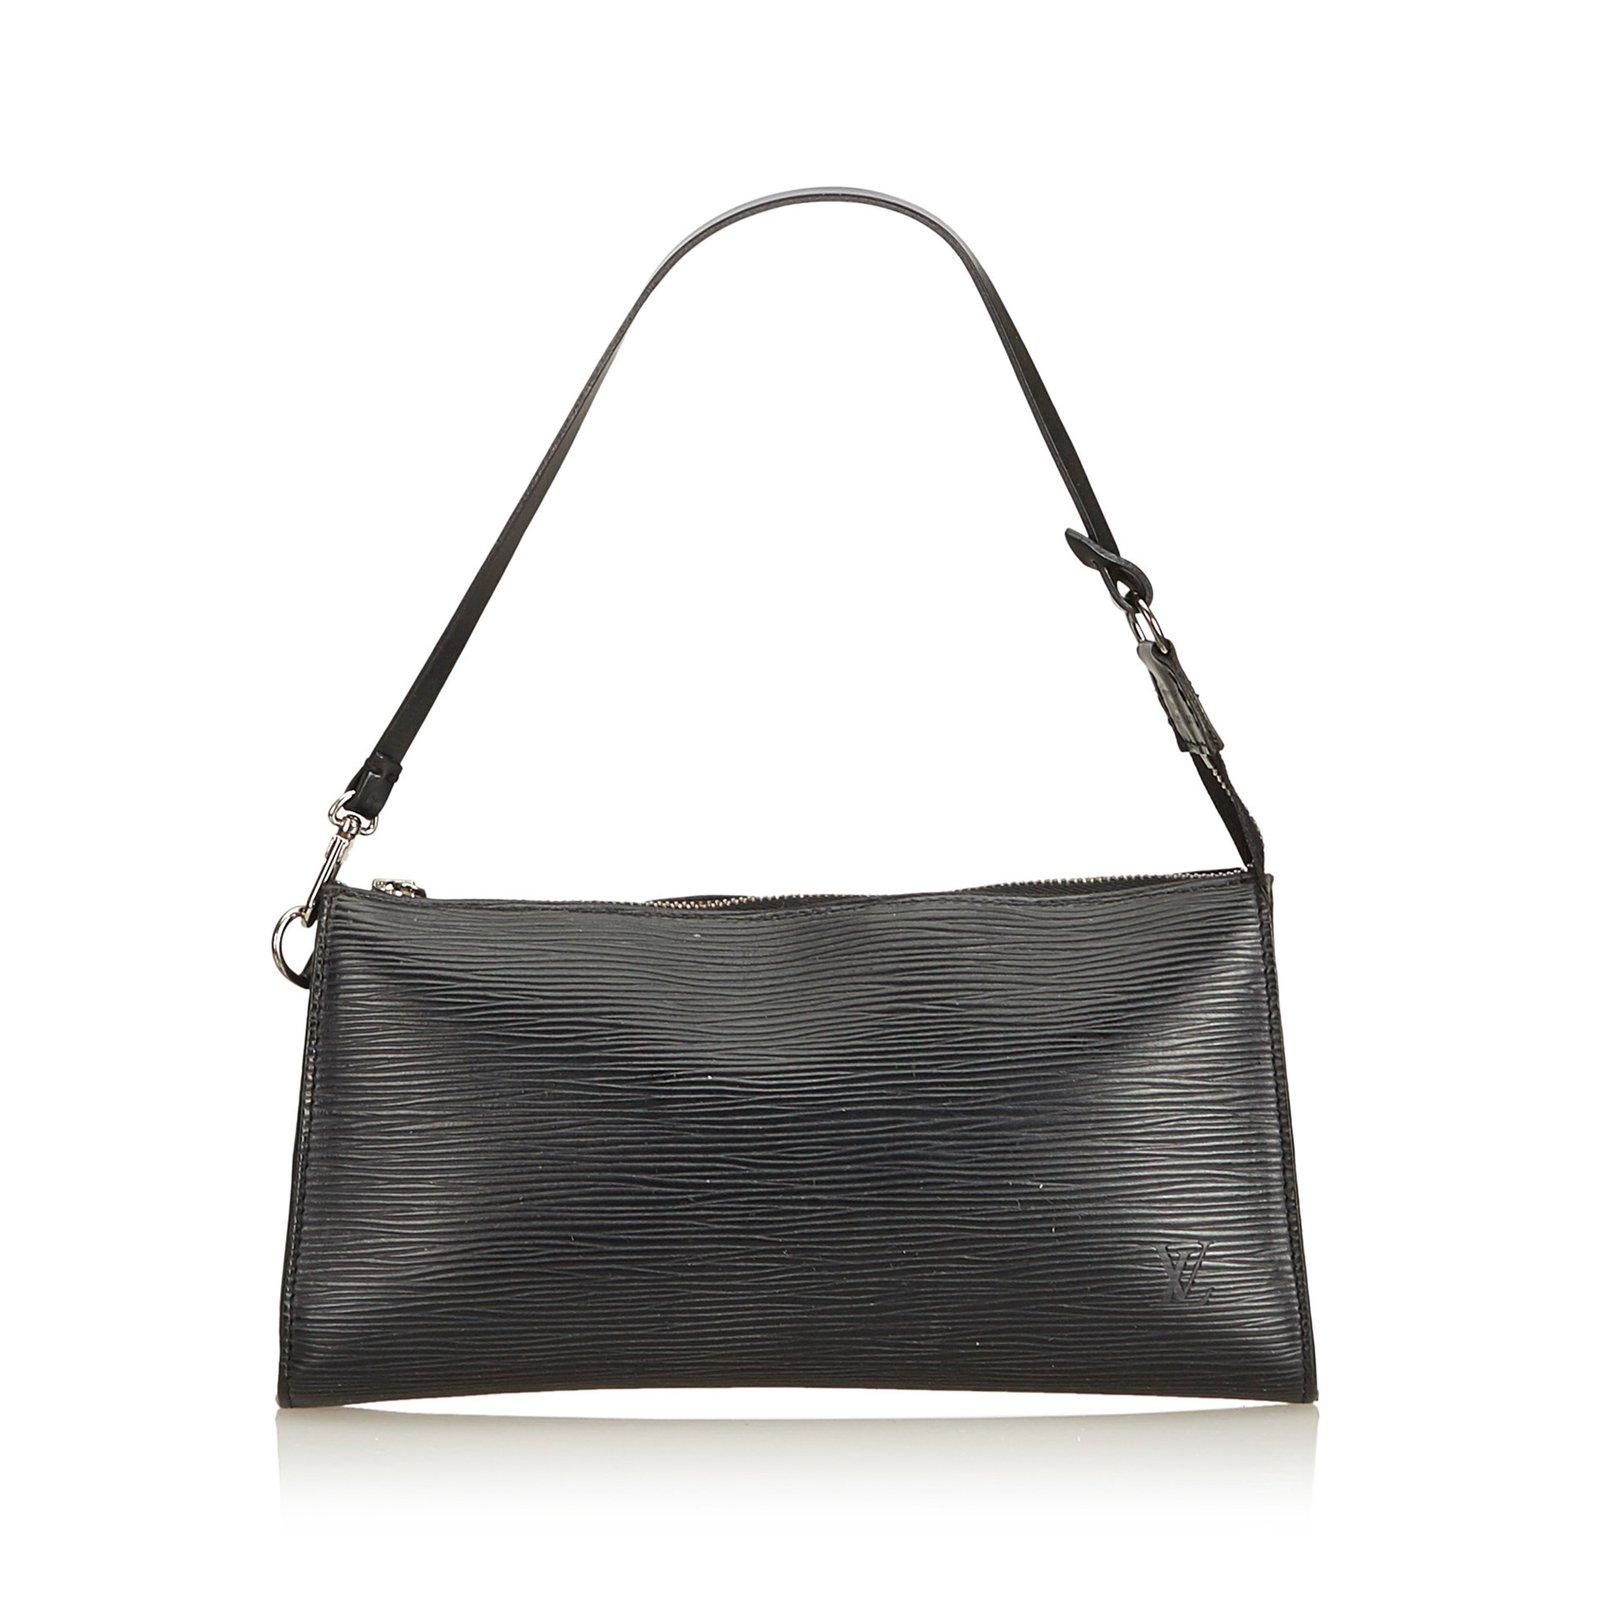 Sacs à main Louis Vuitton Epi Pochette Accessoires Cuir Noir ref.91313 d0268e553fd